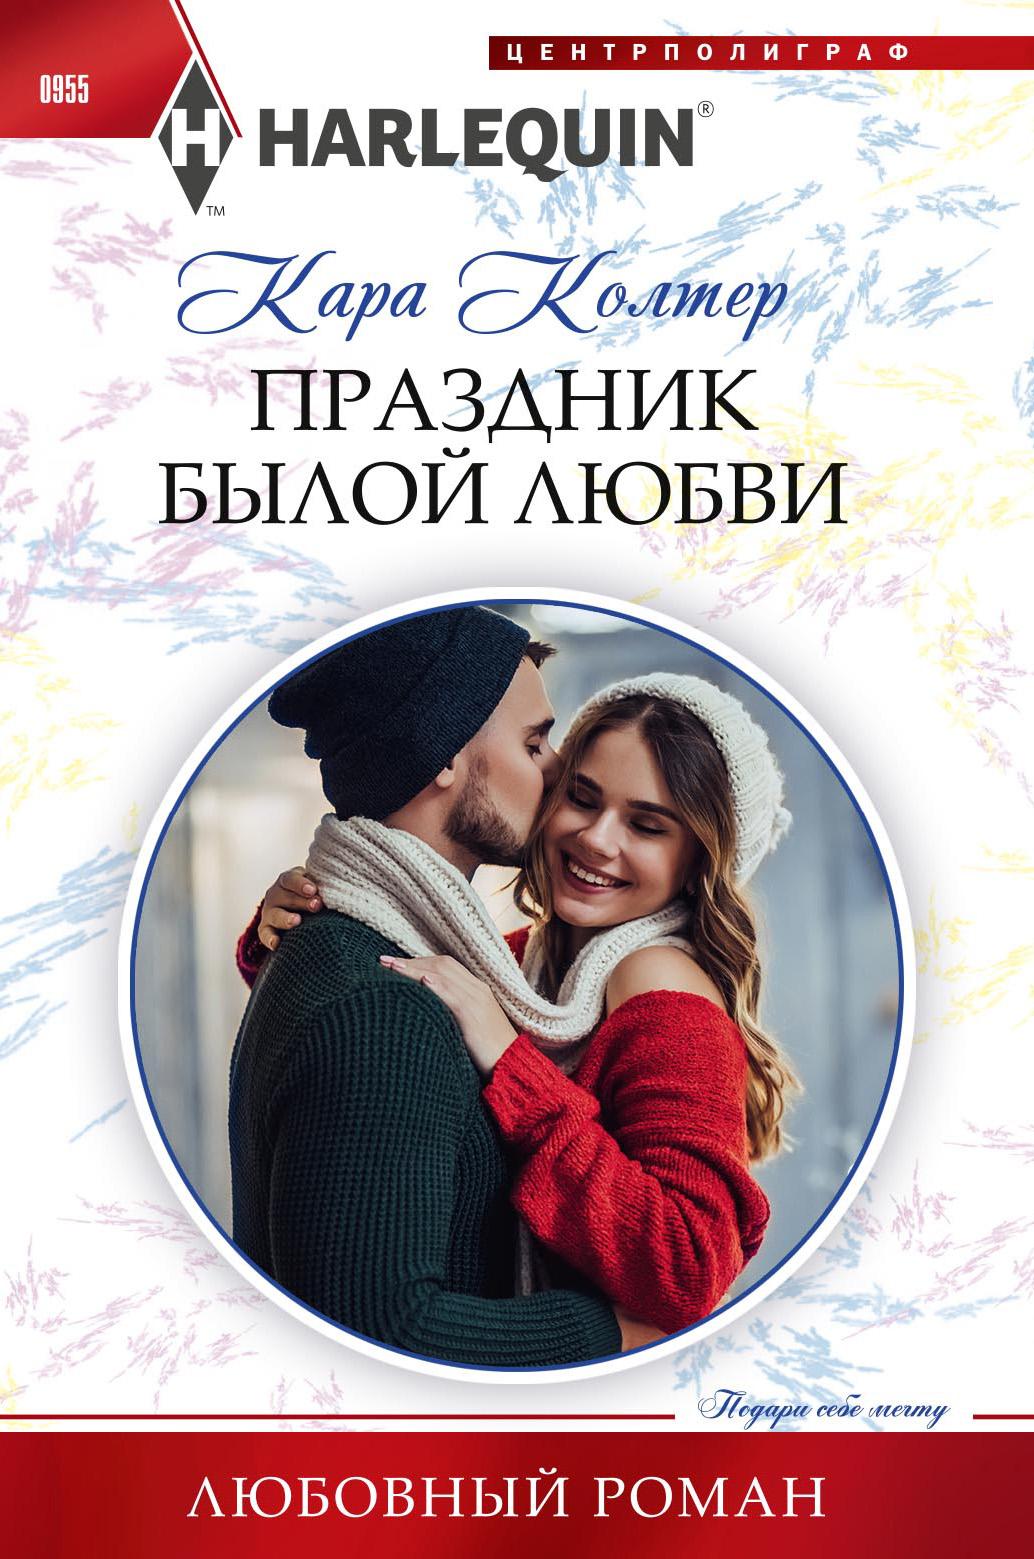 Праздник былой любви